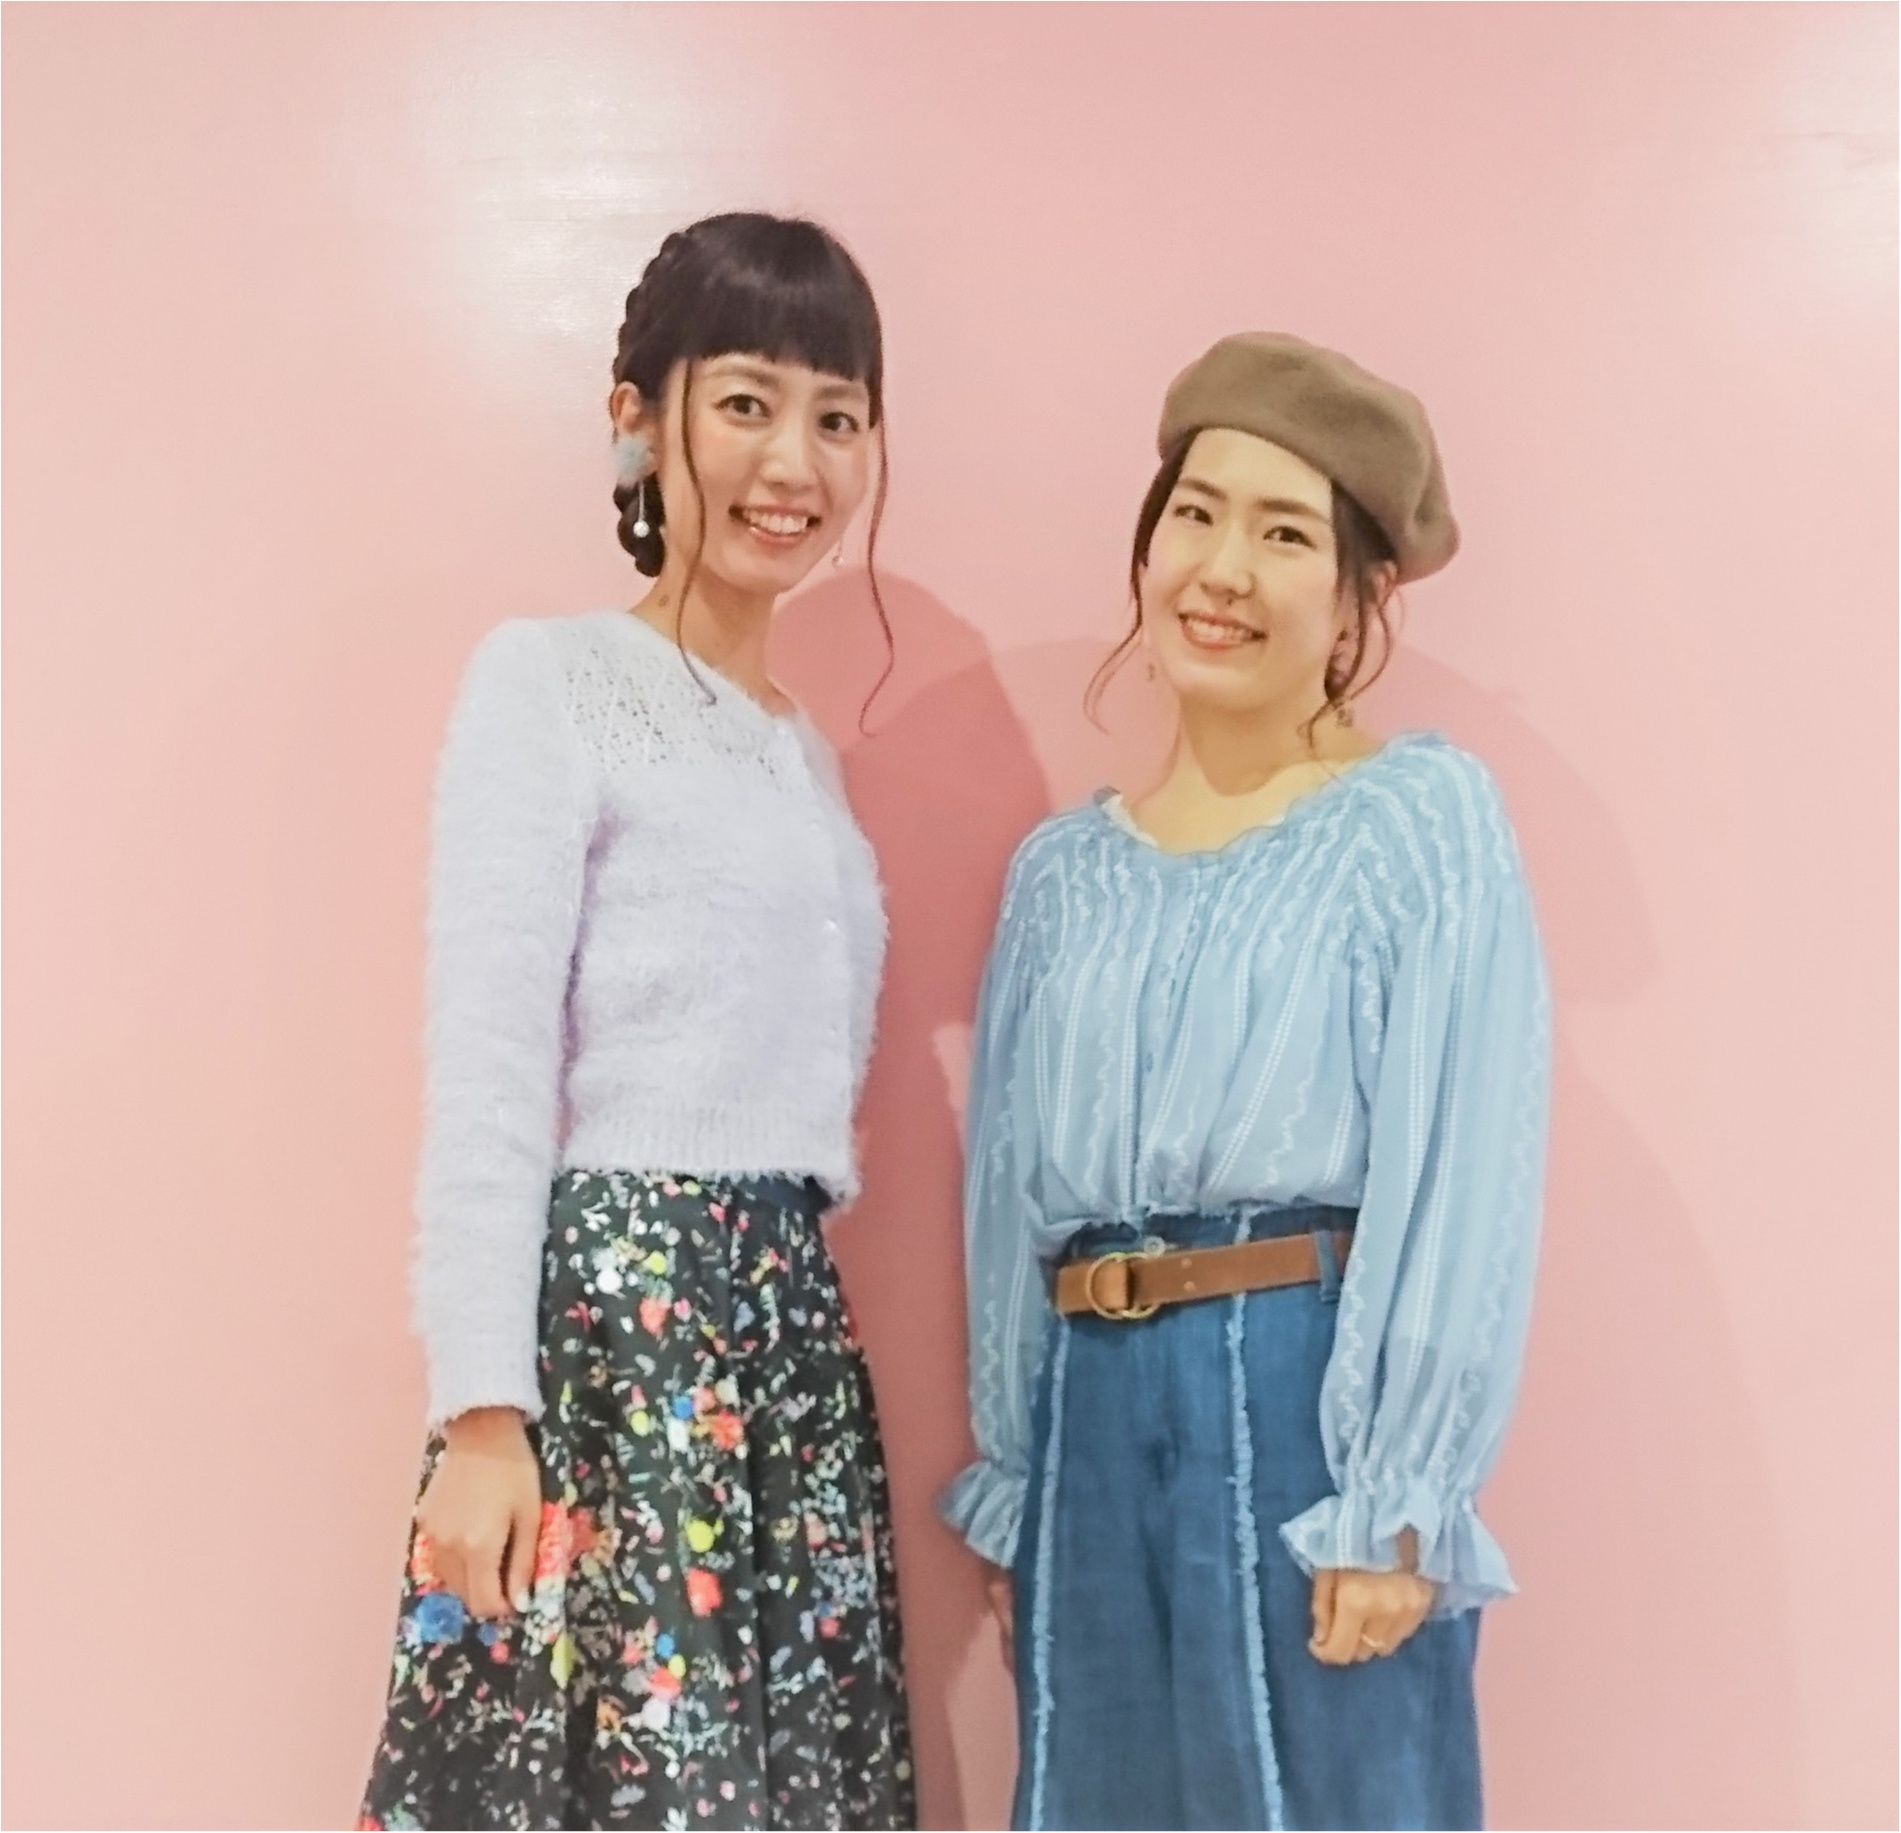 モアハピ部の美人さんたちとの撮影レポ!_8